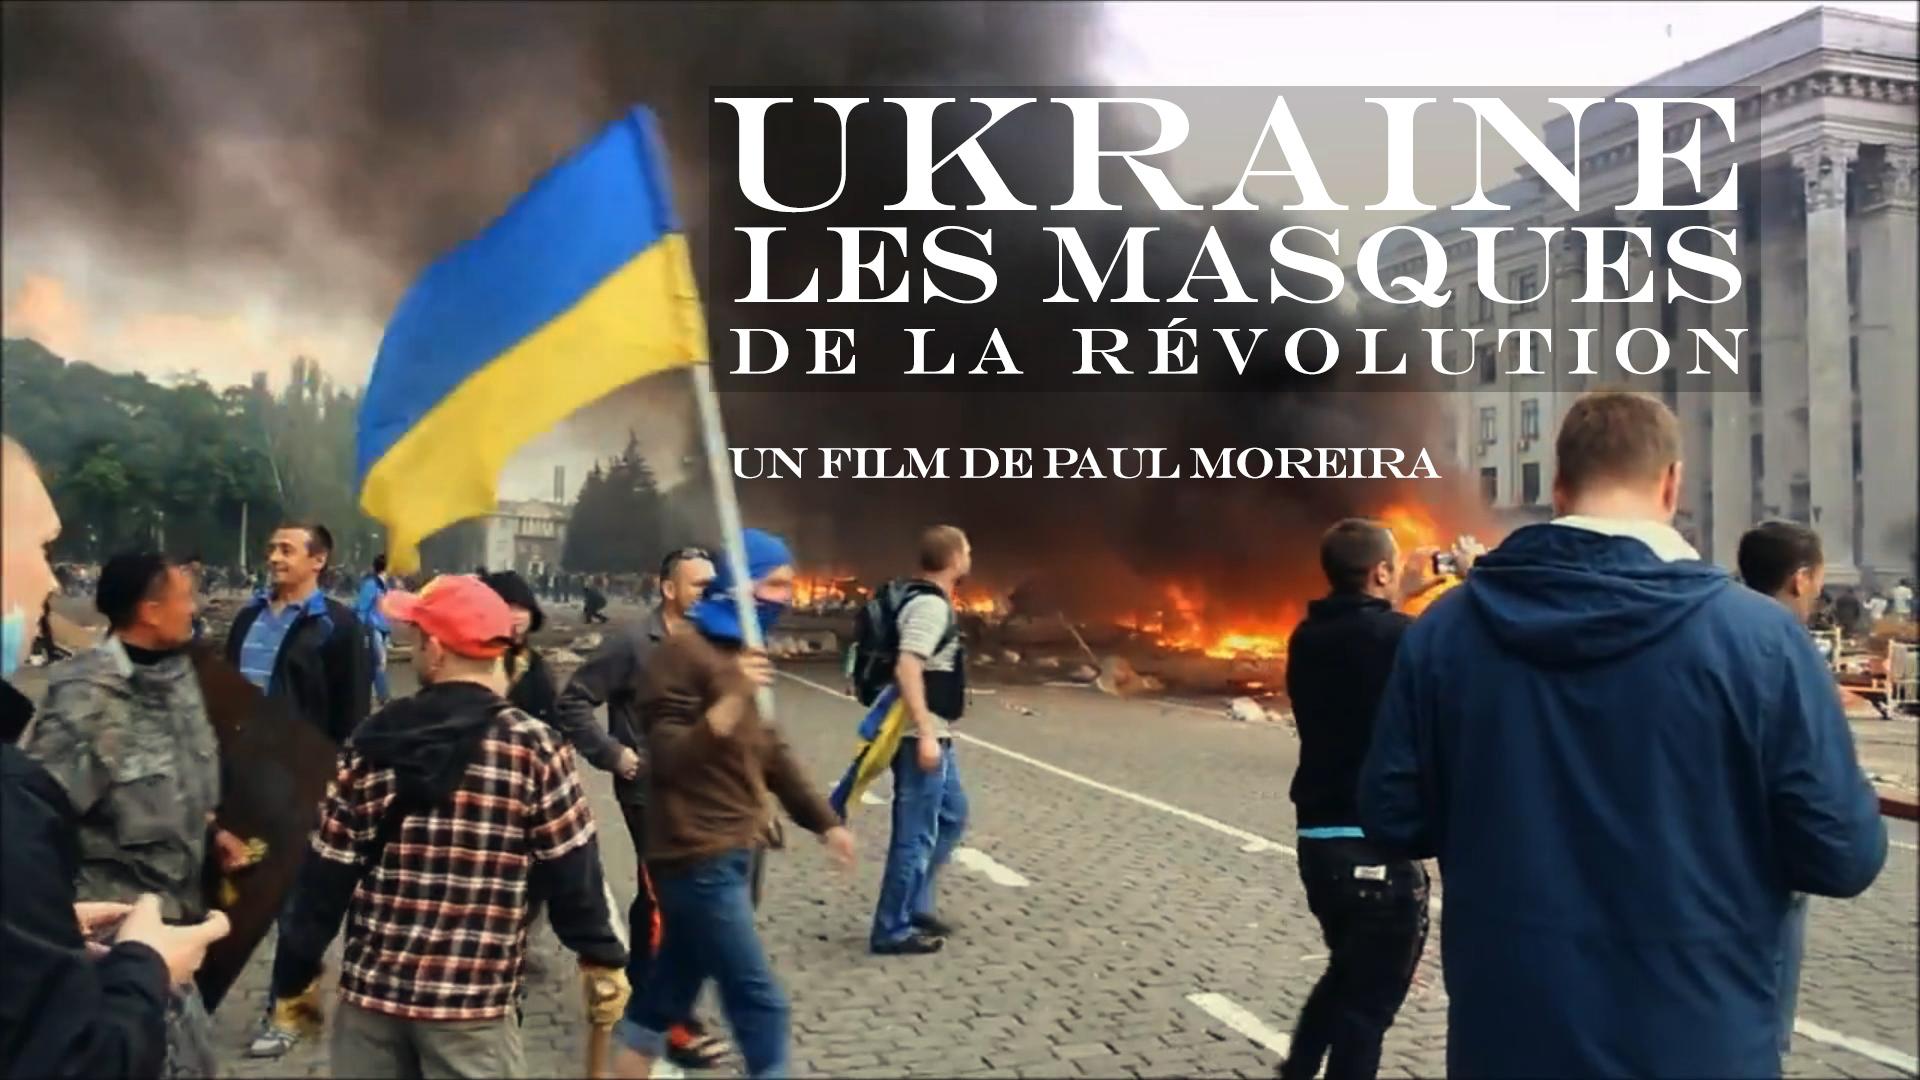 Affrontements en Ukraine : Ce qui est caché par les médias et les partis politiques pro-européens - Page 15 Ukraine-aff-IMPACT